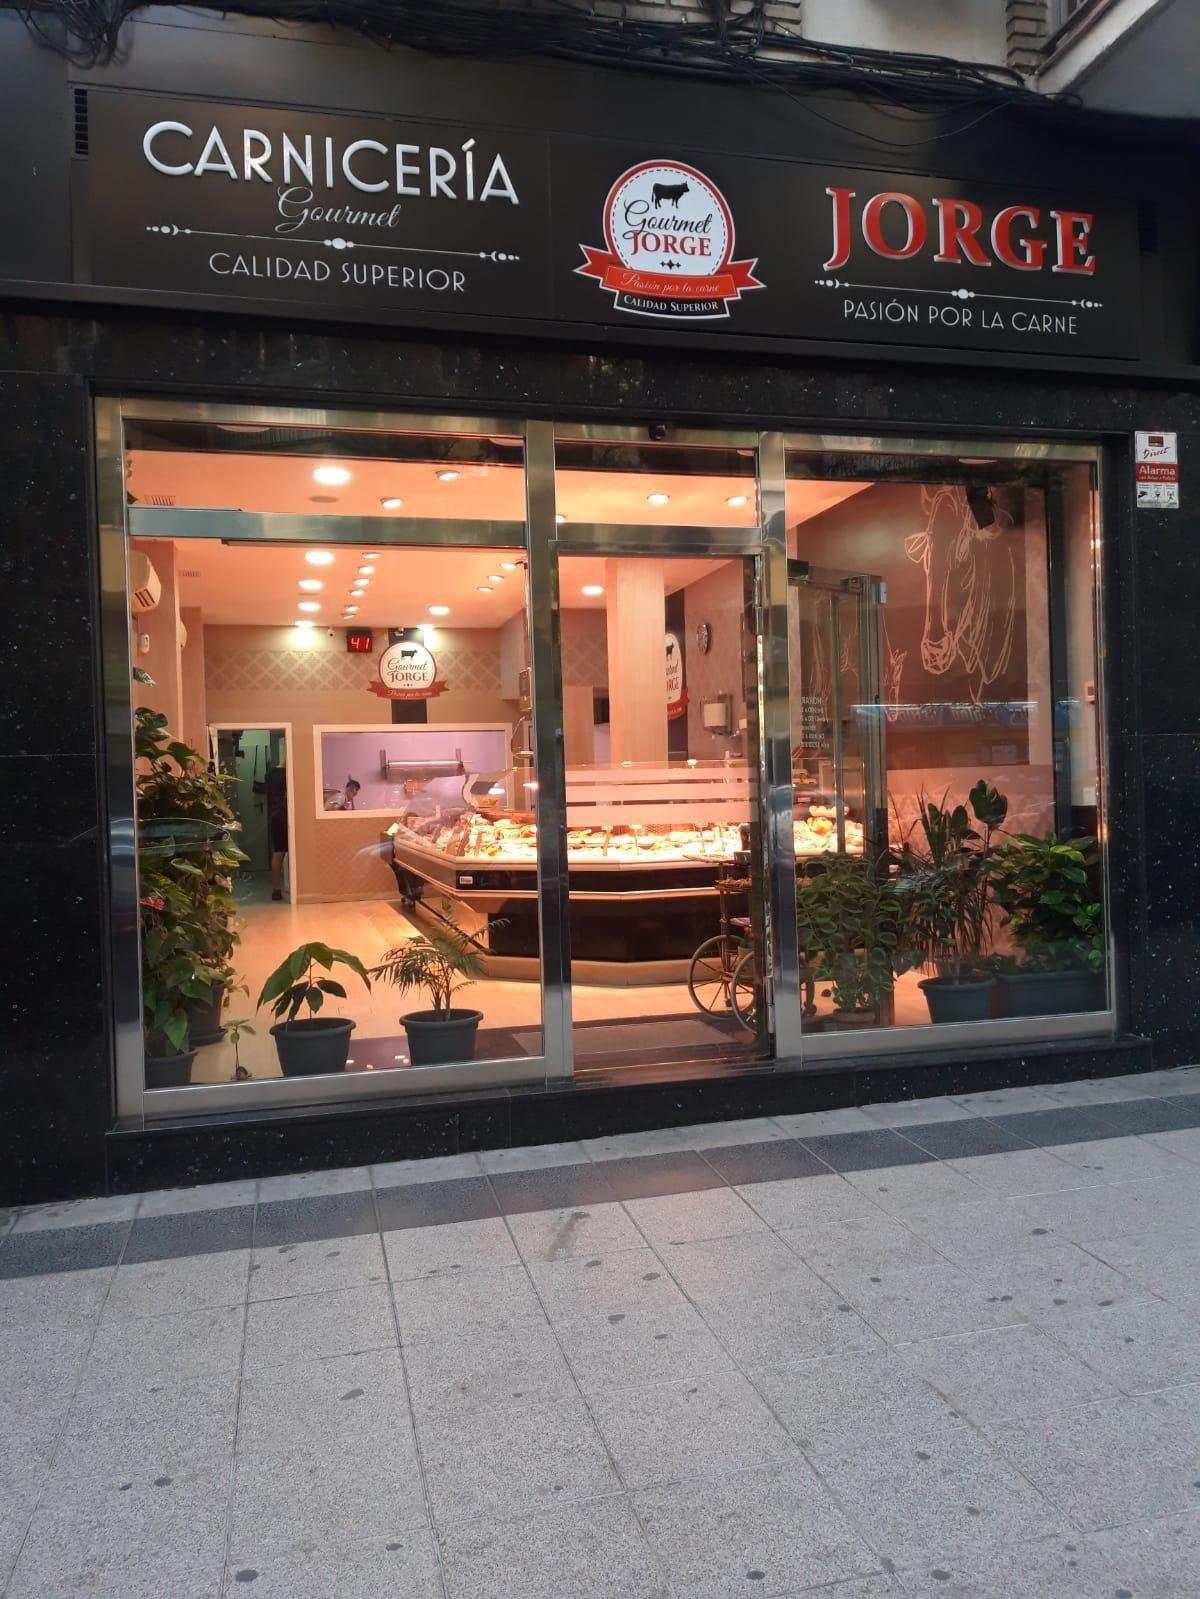 Foto 14 de Carnicerías en  | Gourmet Jorge